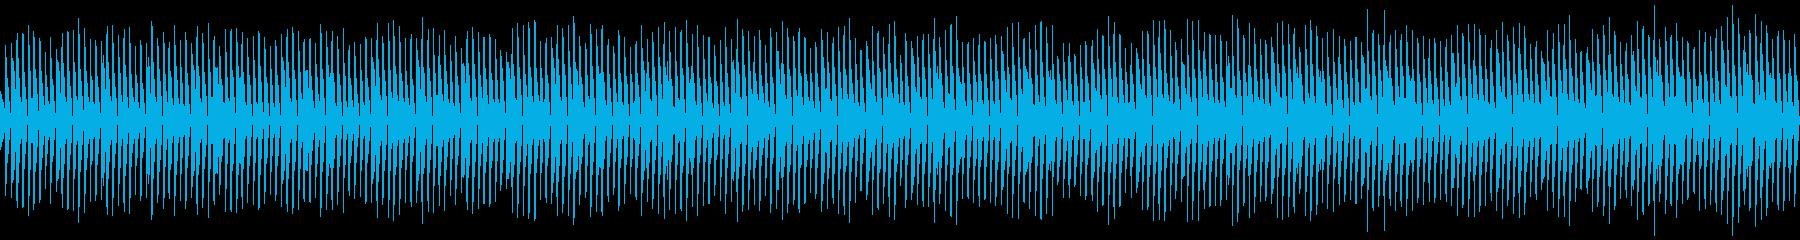 勇壮 ファミコン・ゲーム内音楽 冒険の再生済みの波形